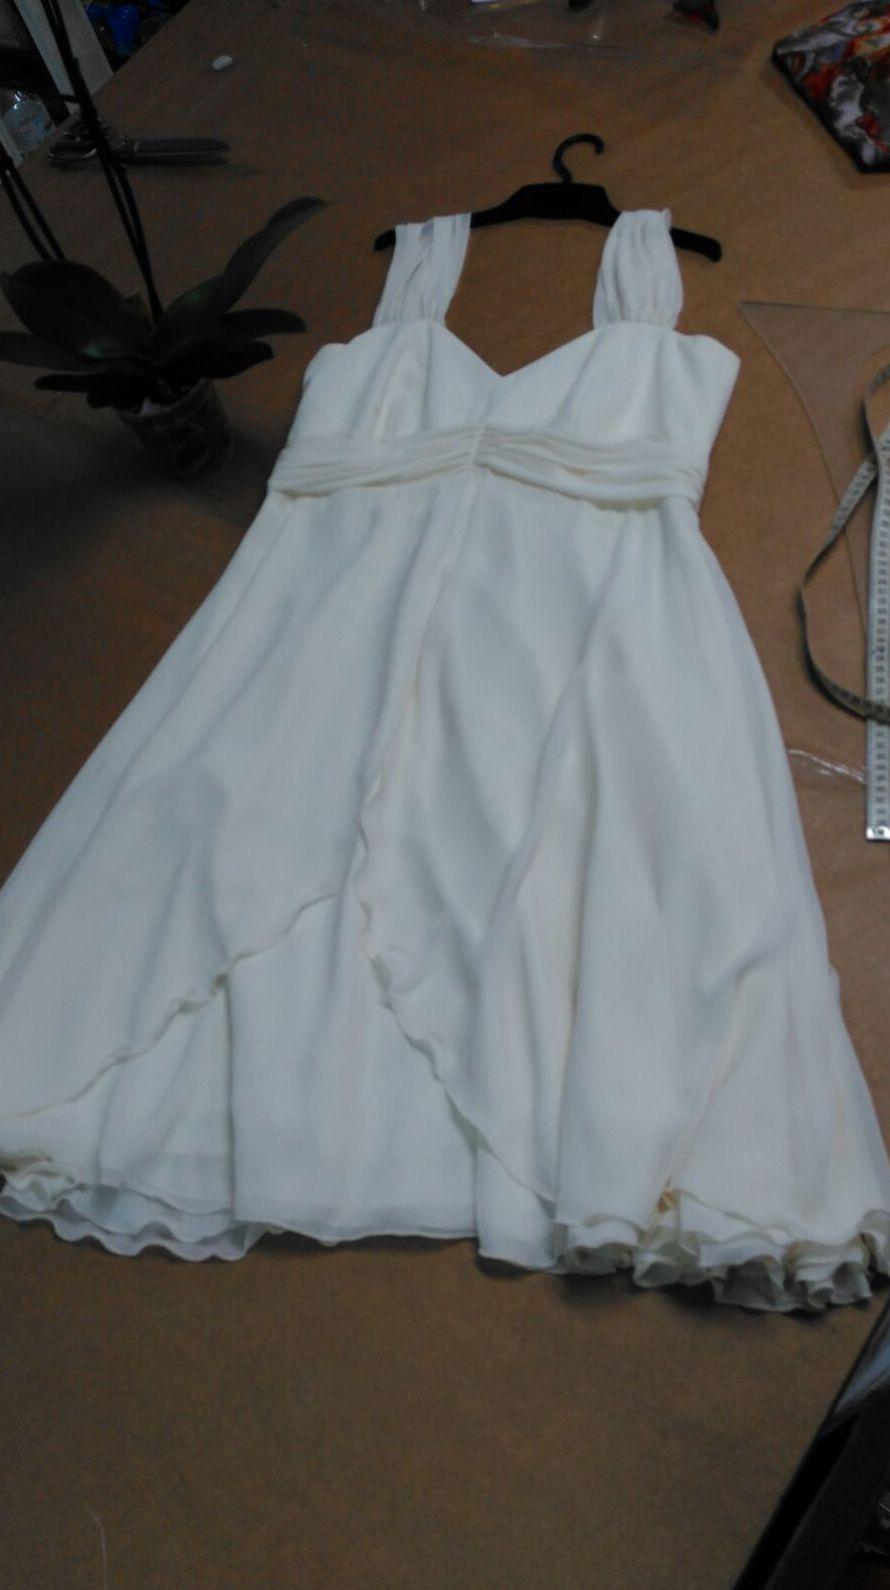 confección a medida de vestidos de fiesta en Blanes